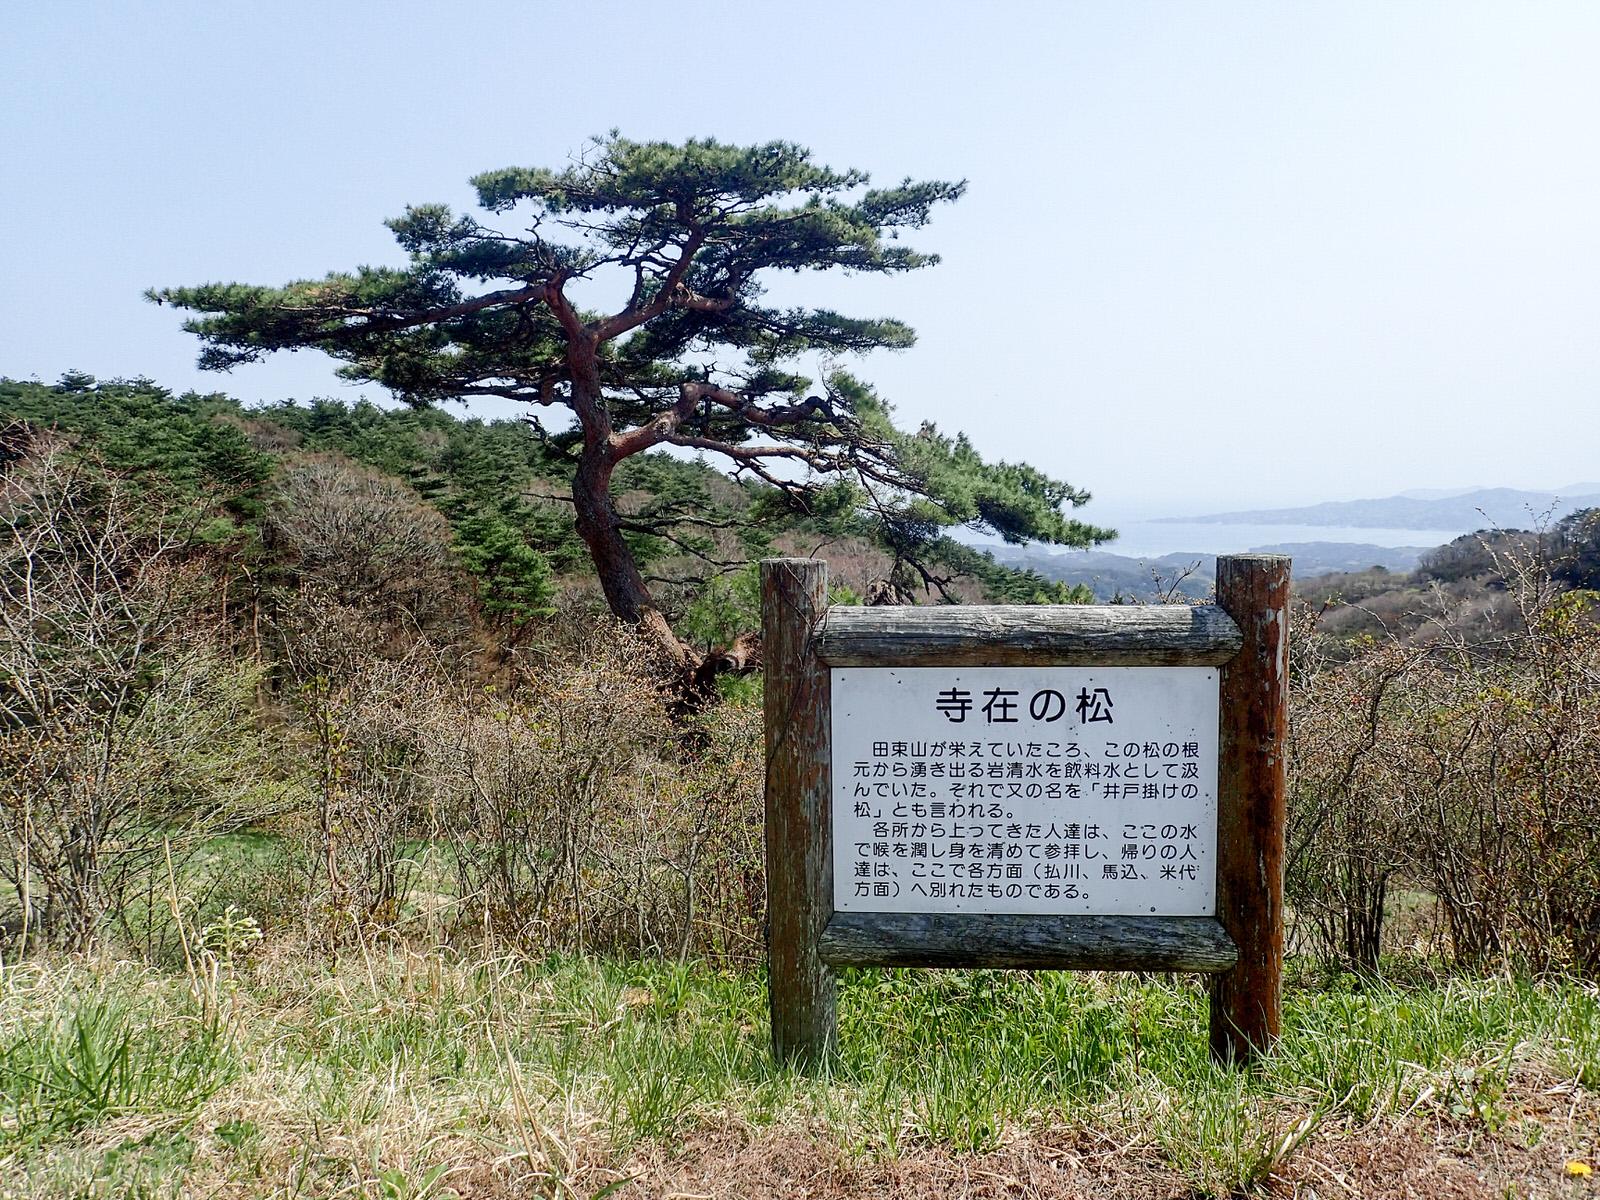 つつじ咲き誇る、名峰田束山